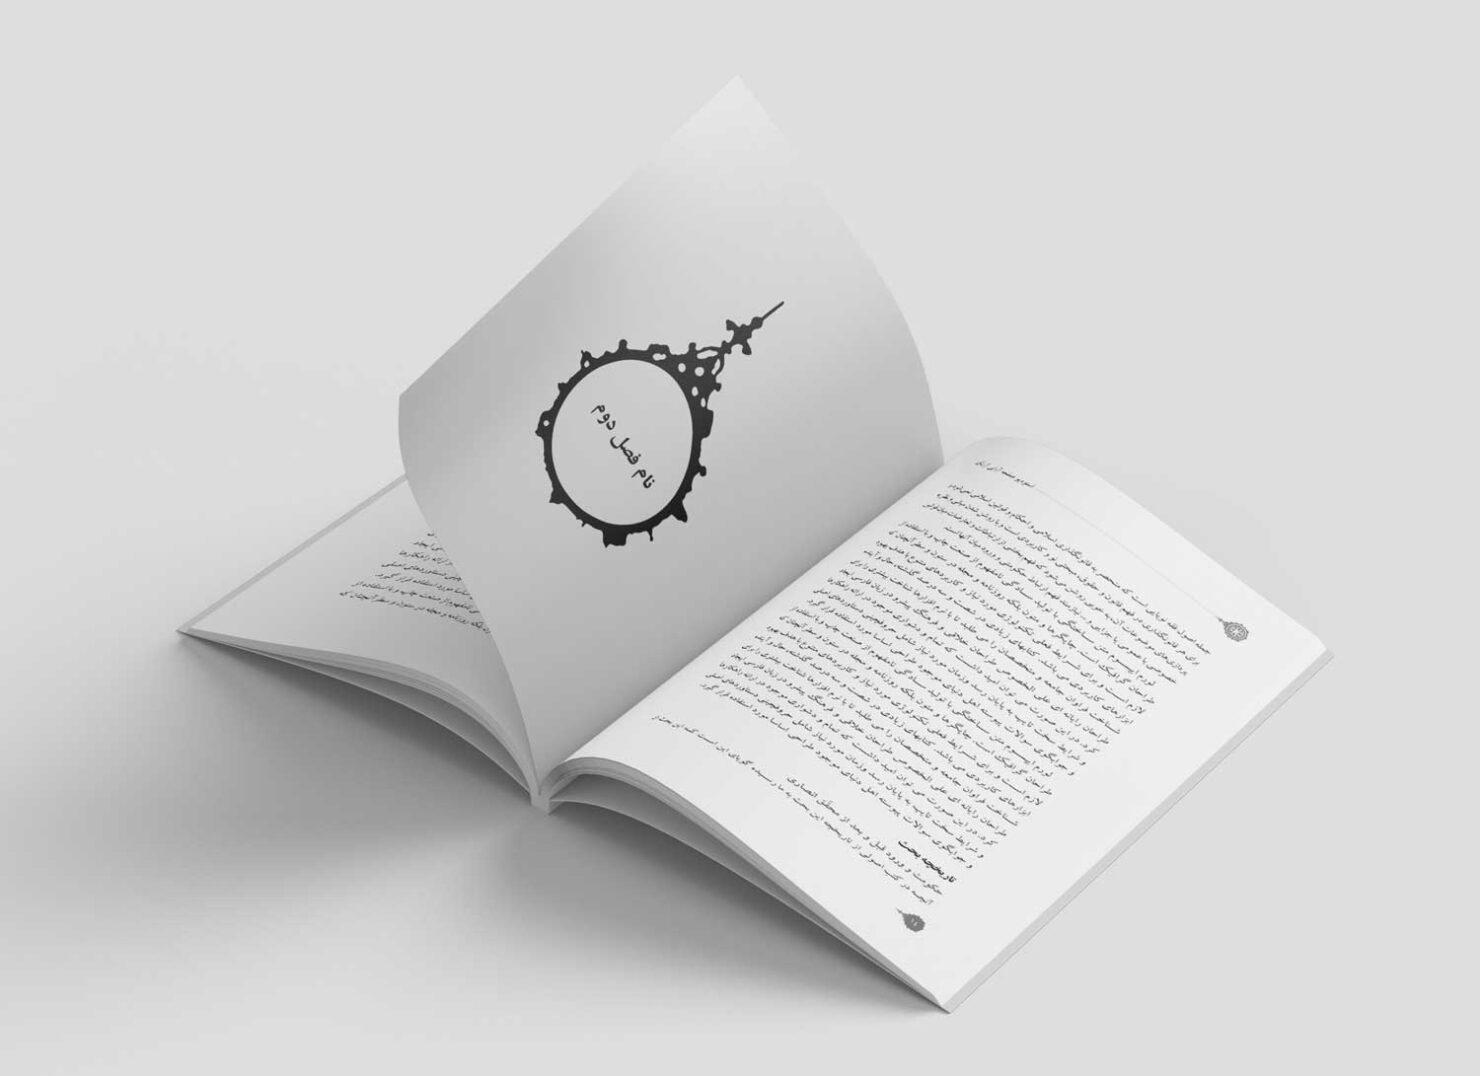 قالب کتاب در ورد - طرح شمسه